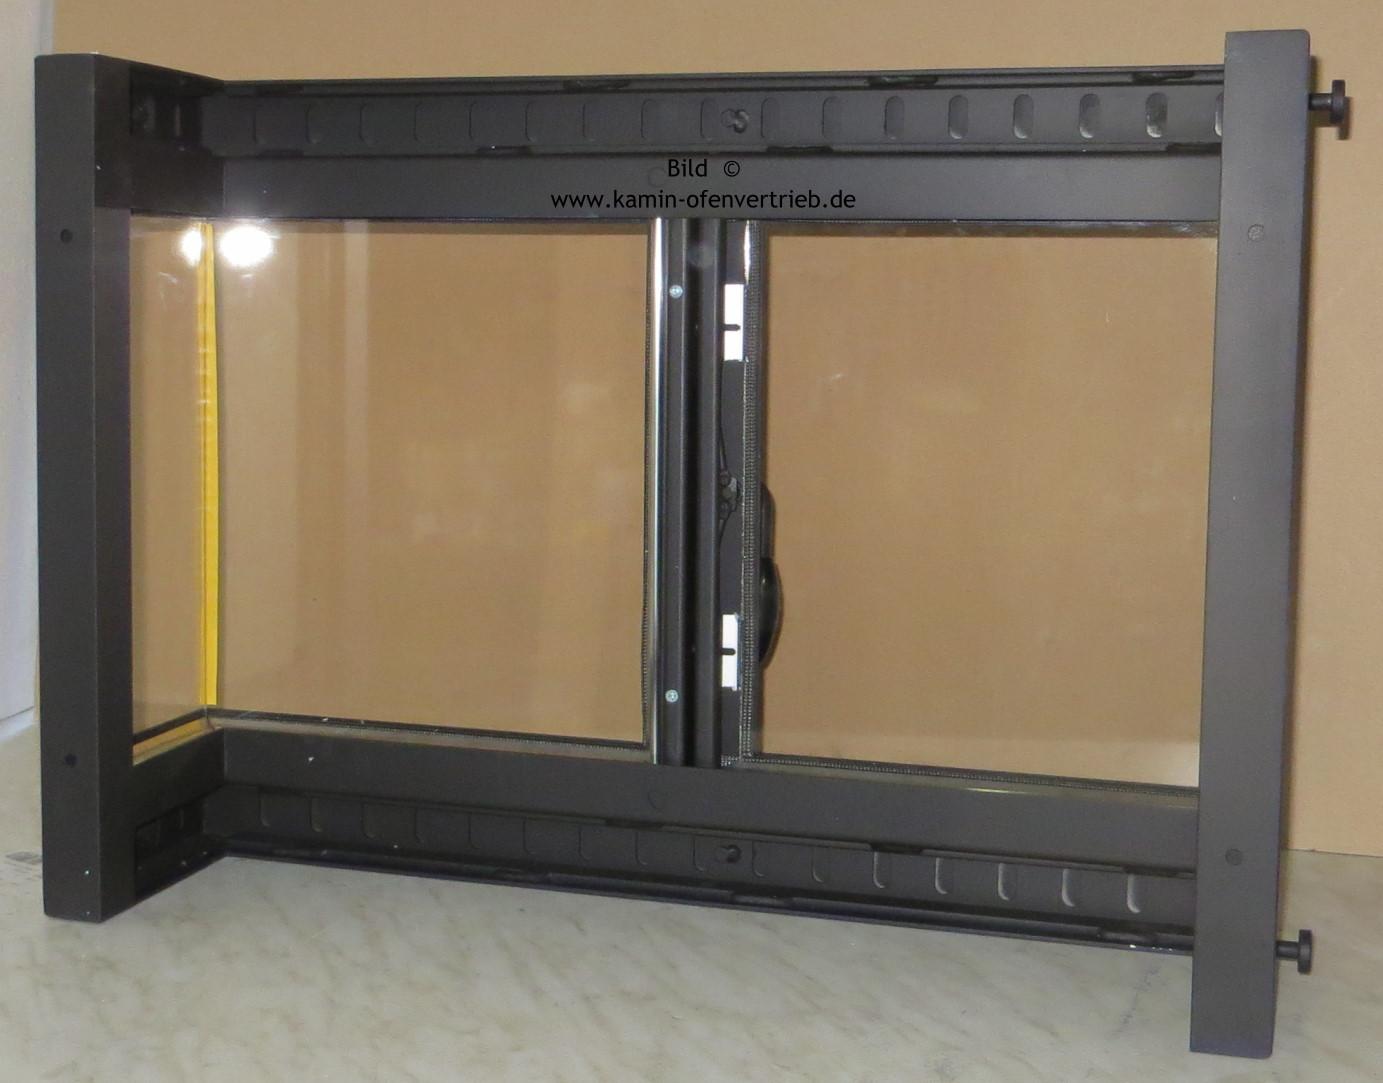 kamint ren kamint r f r offenen kamin mit glas sichtfenster und rahmen und l ftungsgitter. Black Bedroom Furniture Sets. Home Design Ideas